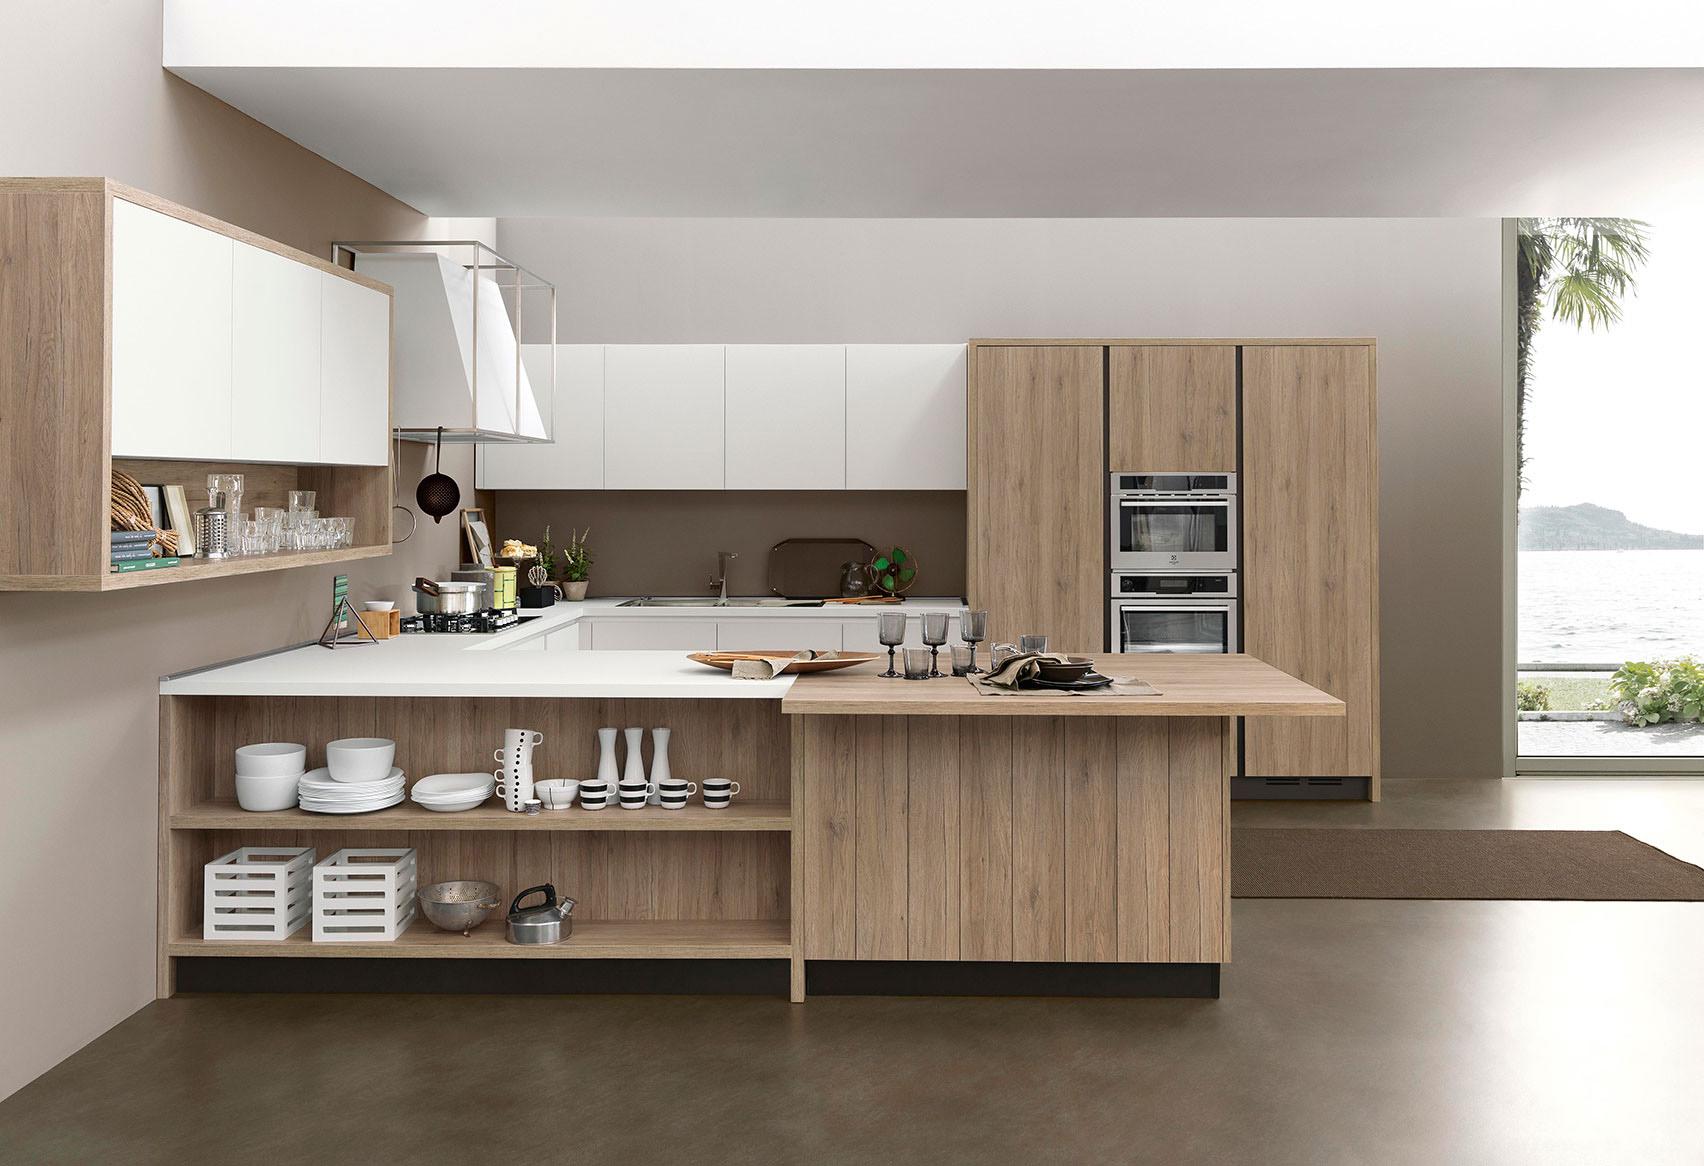 Renovar cocina sin obras gti arquitectos - Cambiar encimera cocina sin obras ...